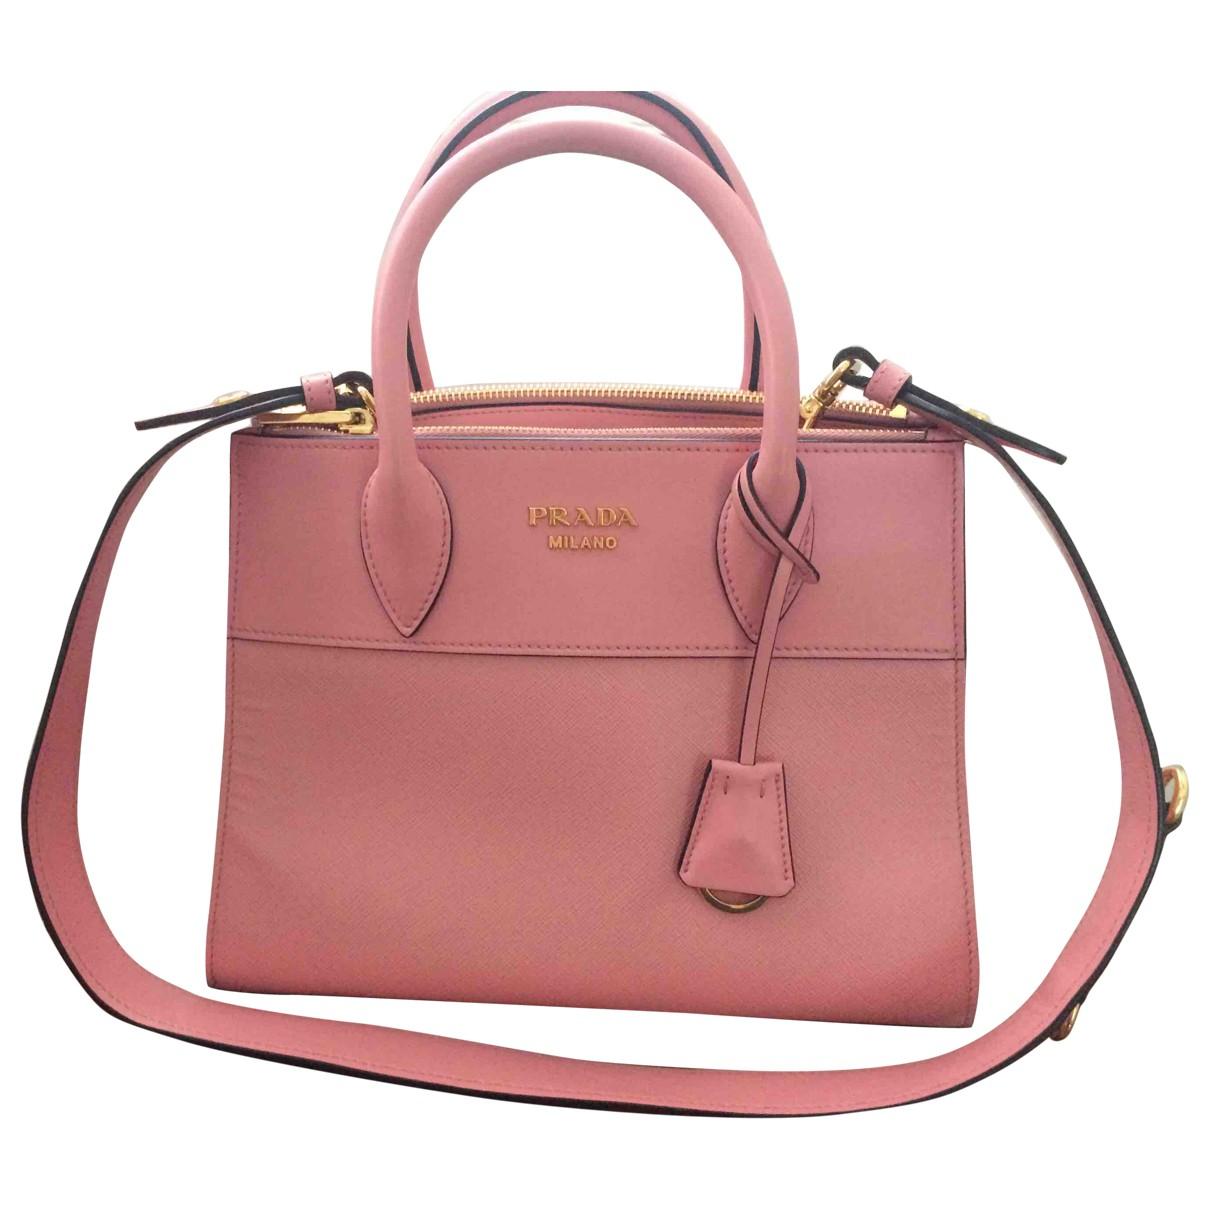 Prada - Sac a main Paradigme pour femme en cuir - rose